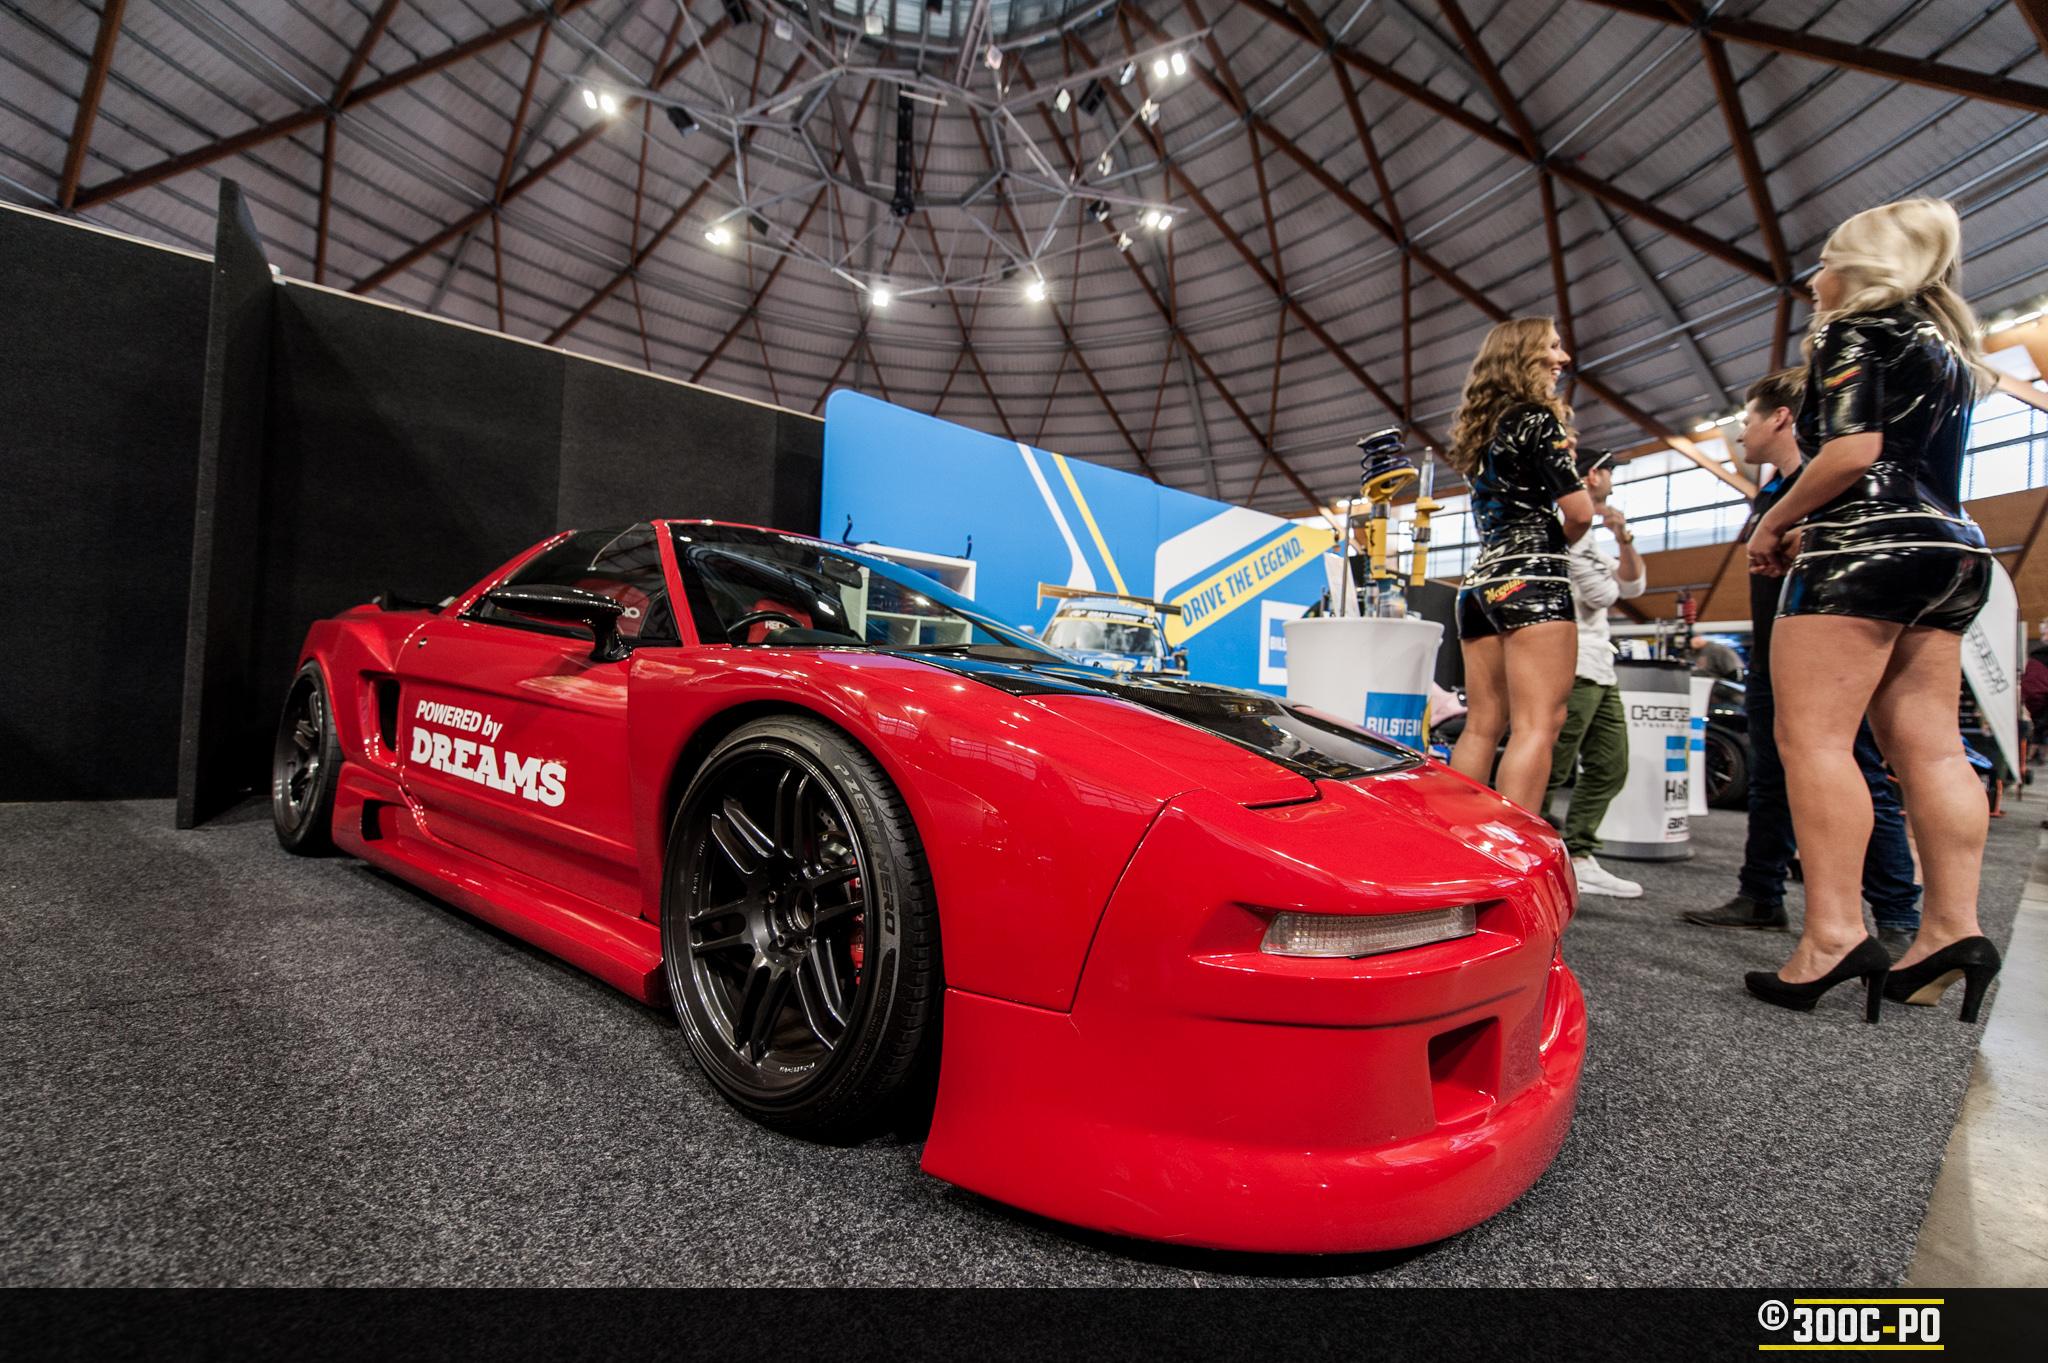 2017-07-22 - Meguiars MotorEx 011